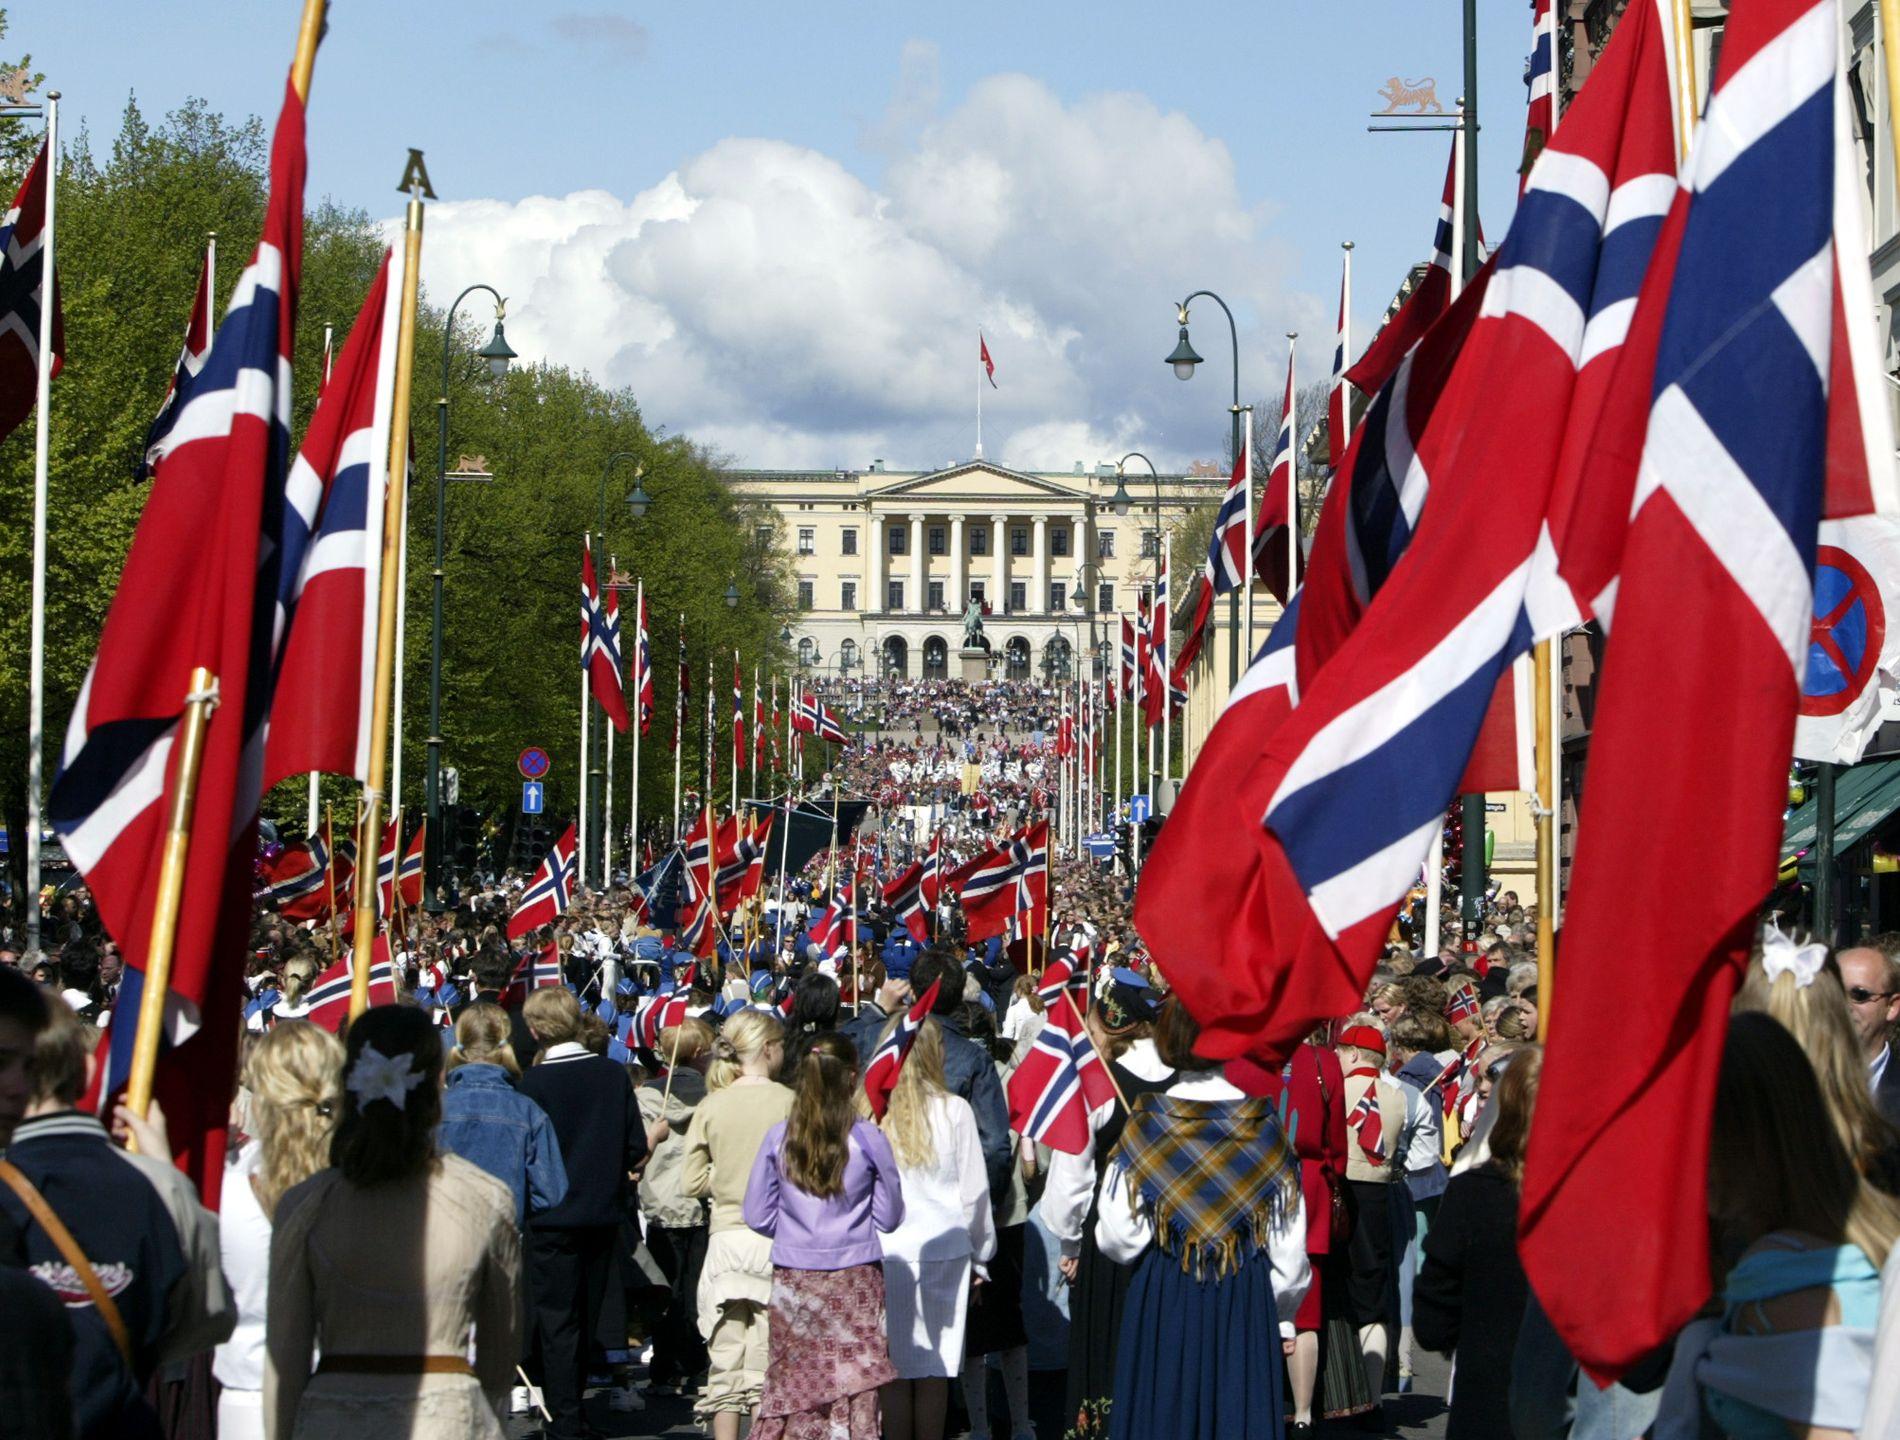 NASJONALSANGEN:– De siste femti årene har norske skolebarn ikke fått vite om Bjørnsons viktige sjette vers, om brorskap over landegrensene, skriver kronikkforfatteren.